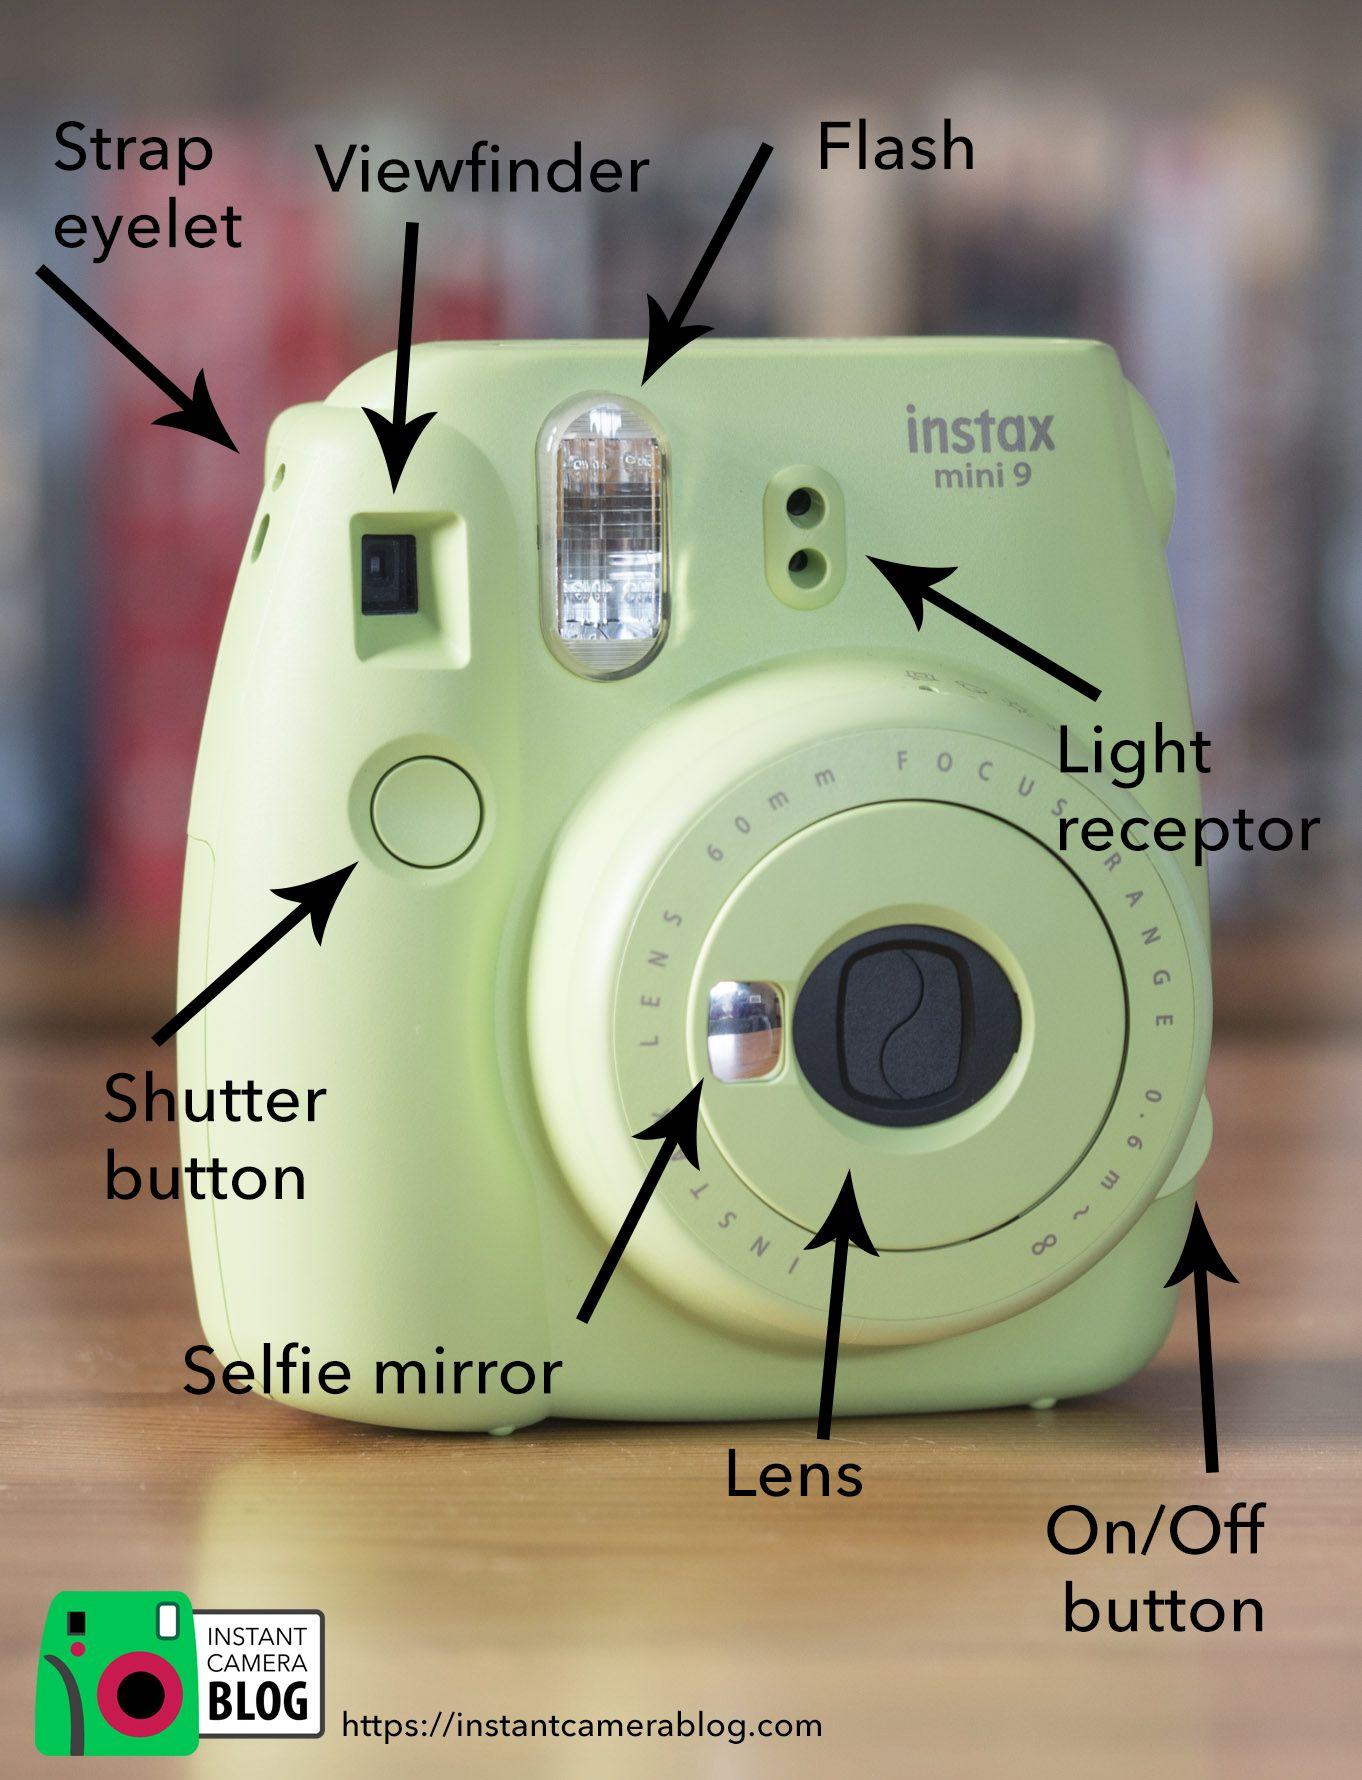 507e75e2e3 Parts of the Fujifilm Instax Mini 9 #instax #instaxmini9 #mini9 ...